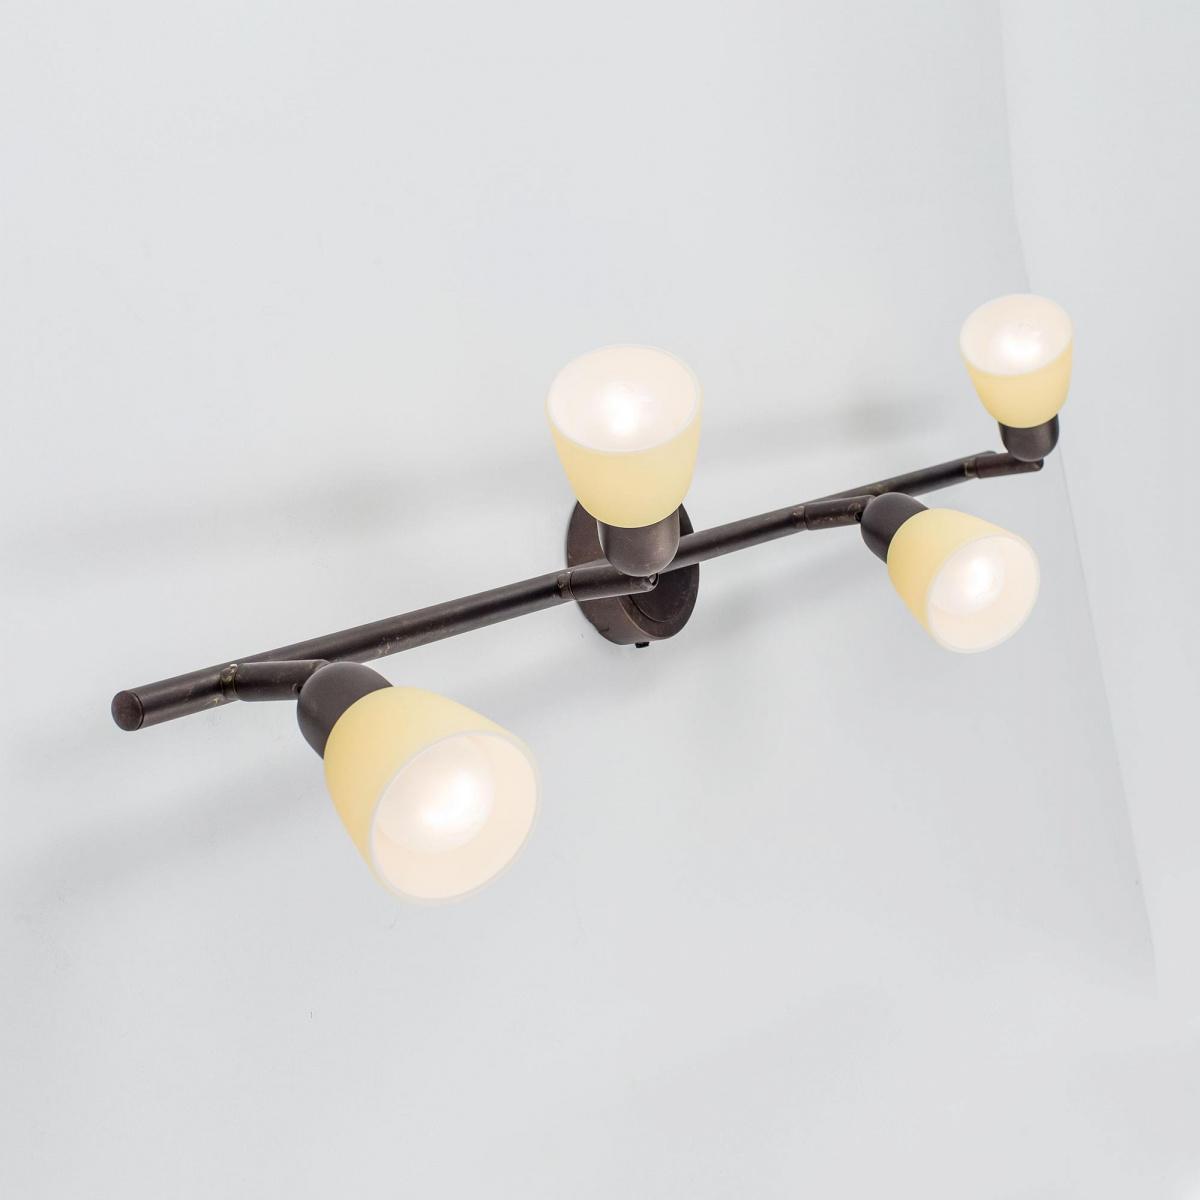 Потолочный светильник с регулировкой направления света Citilux Ронда CL506544, 4xE14x60W, коричневый, бежевый, металл, стекло - фото 6